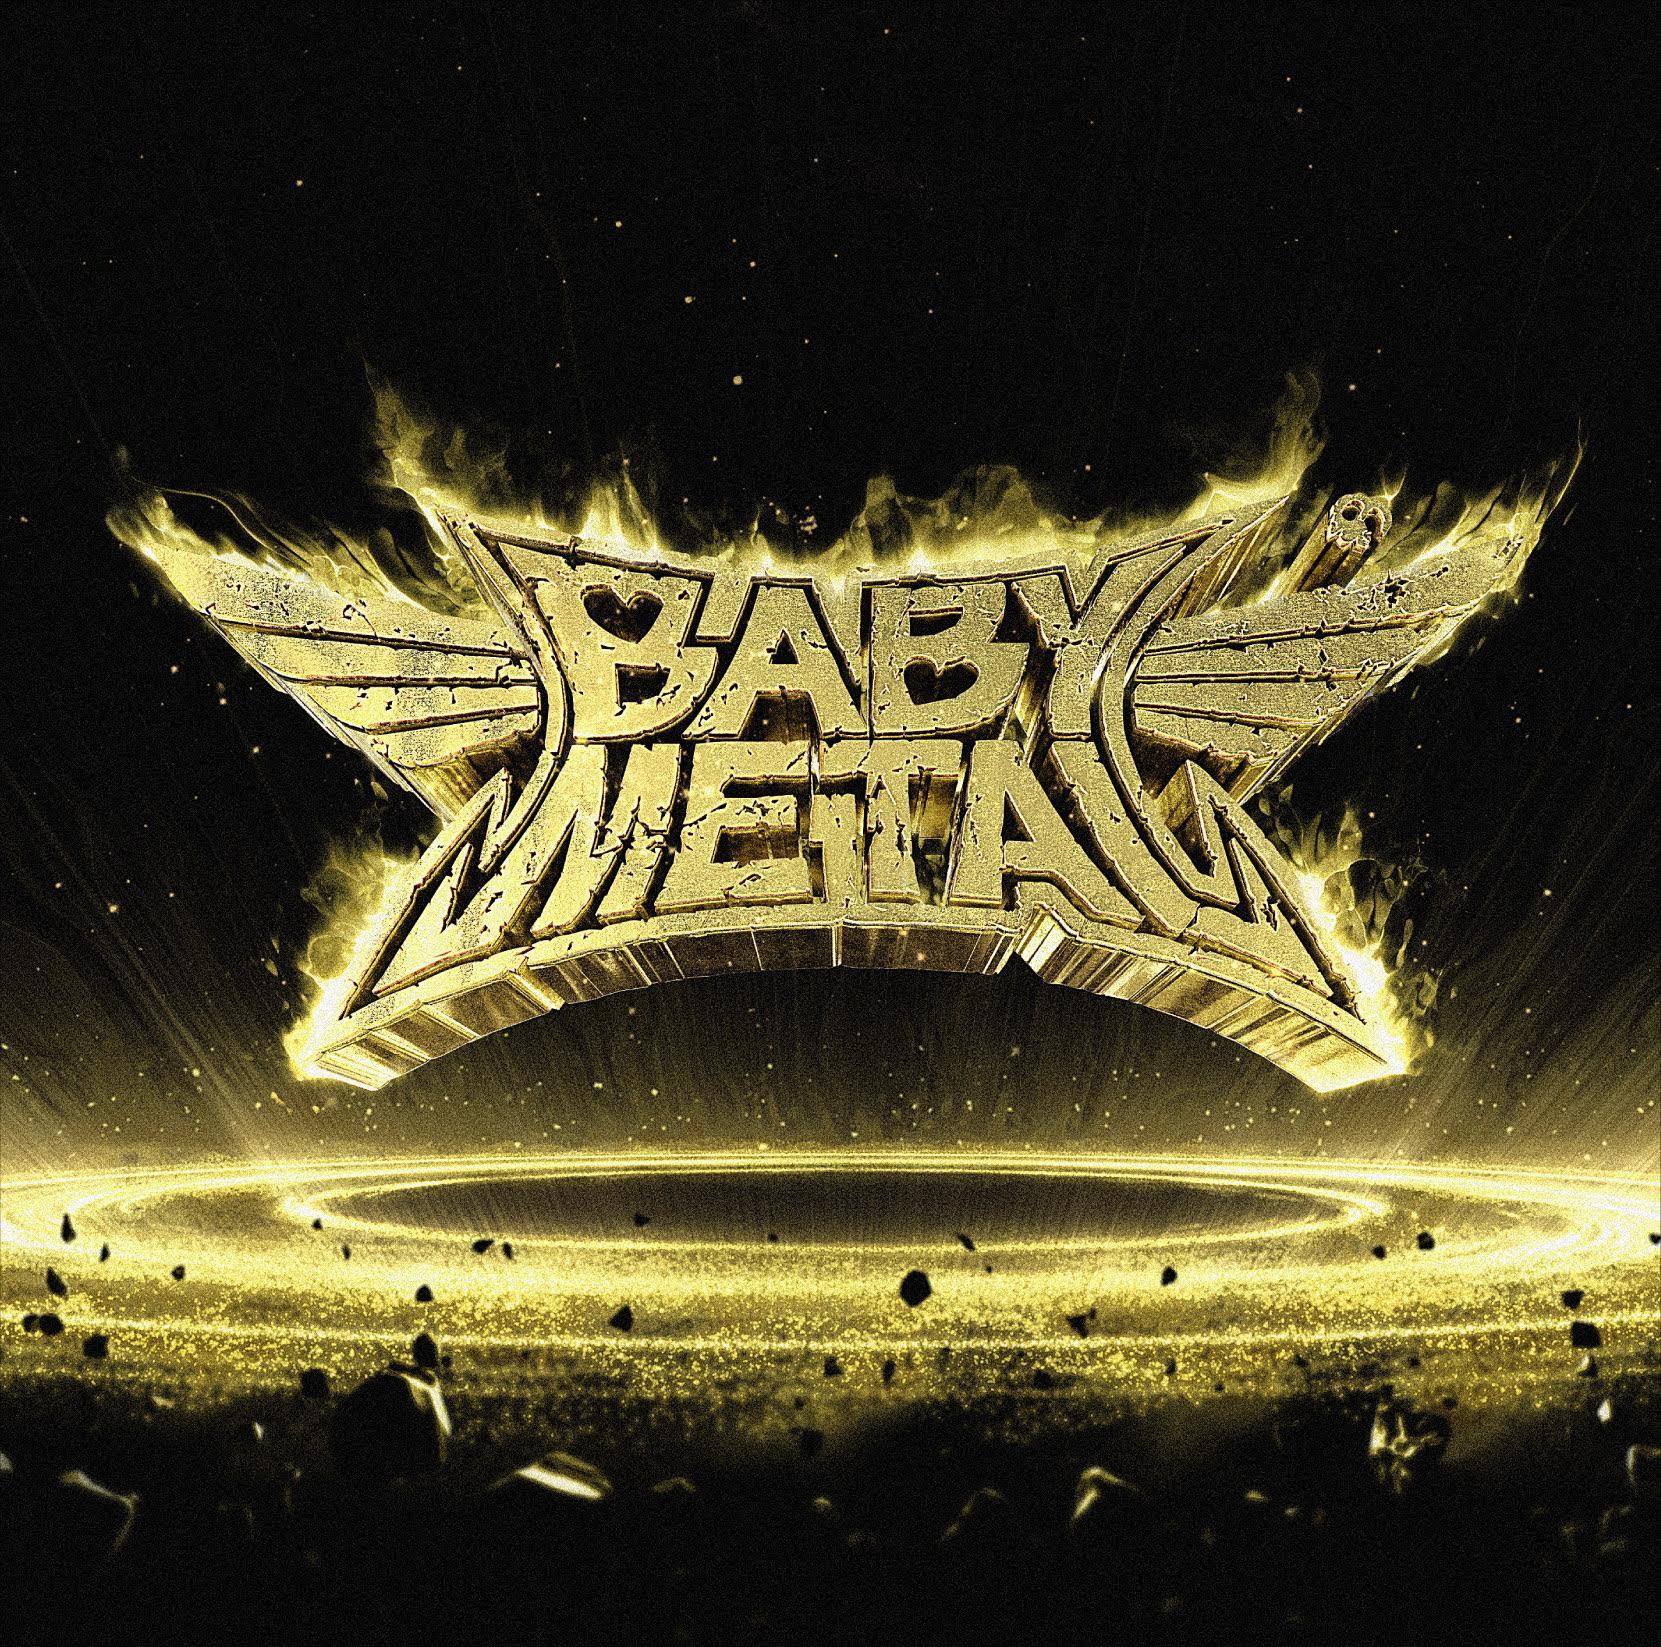 画像 随時更新 Babymetal 高画質画像 壁紙 超大量 Naver